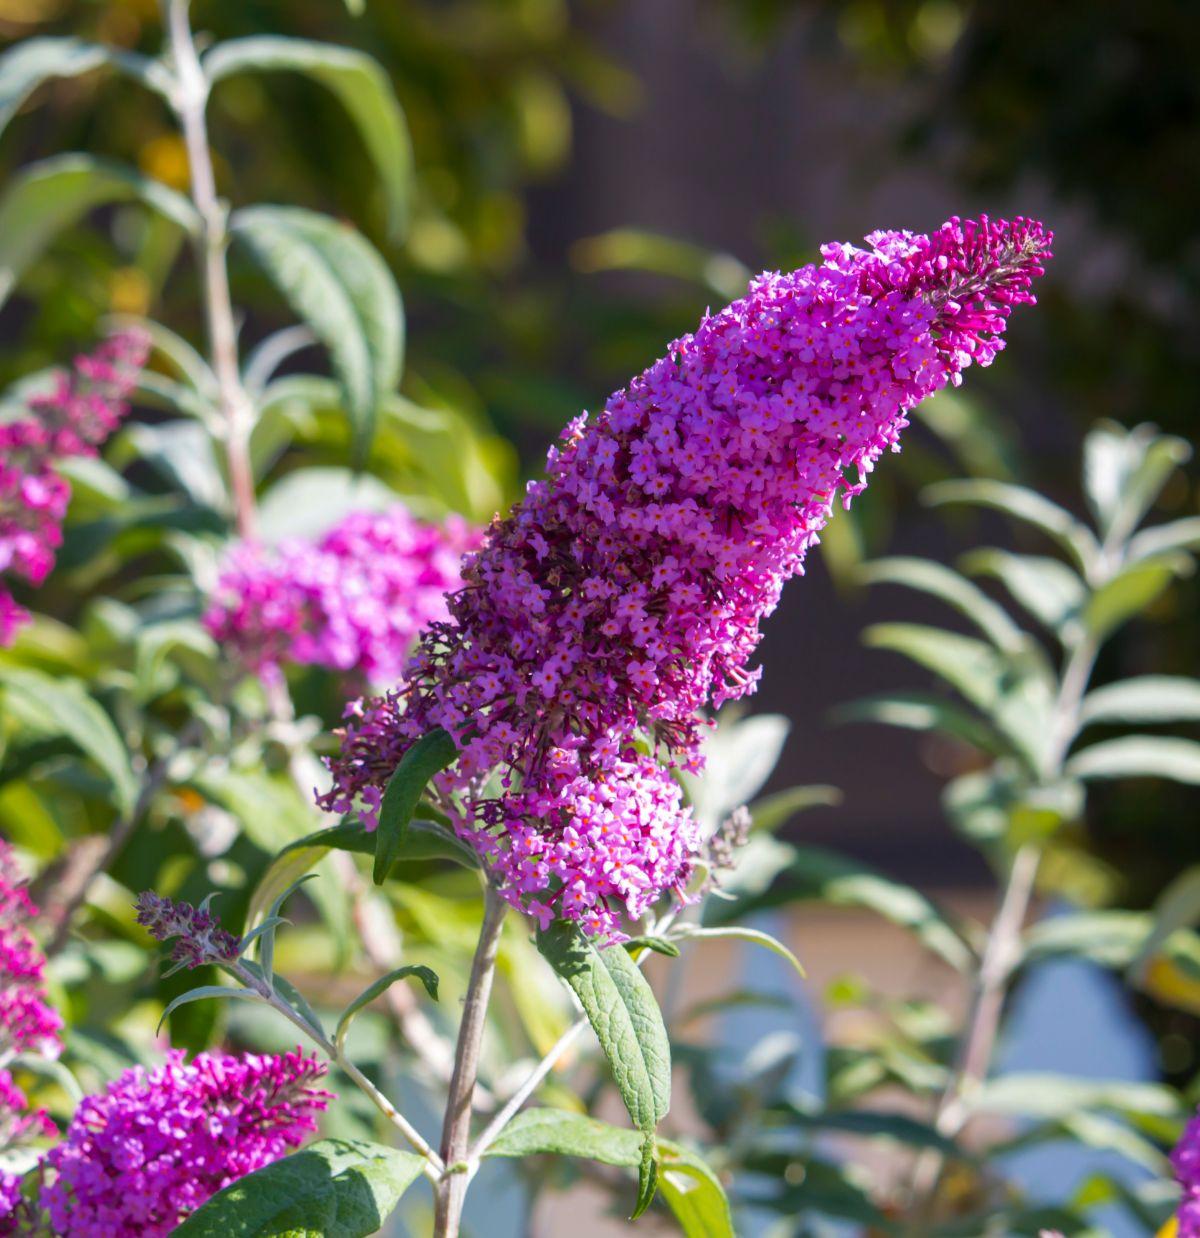 blooming butterfly bush flower in a garden